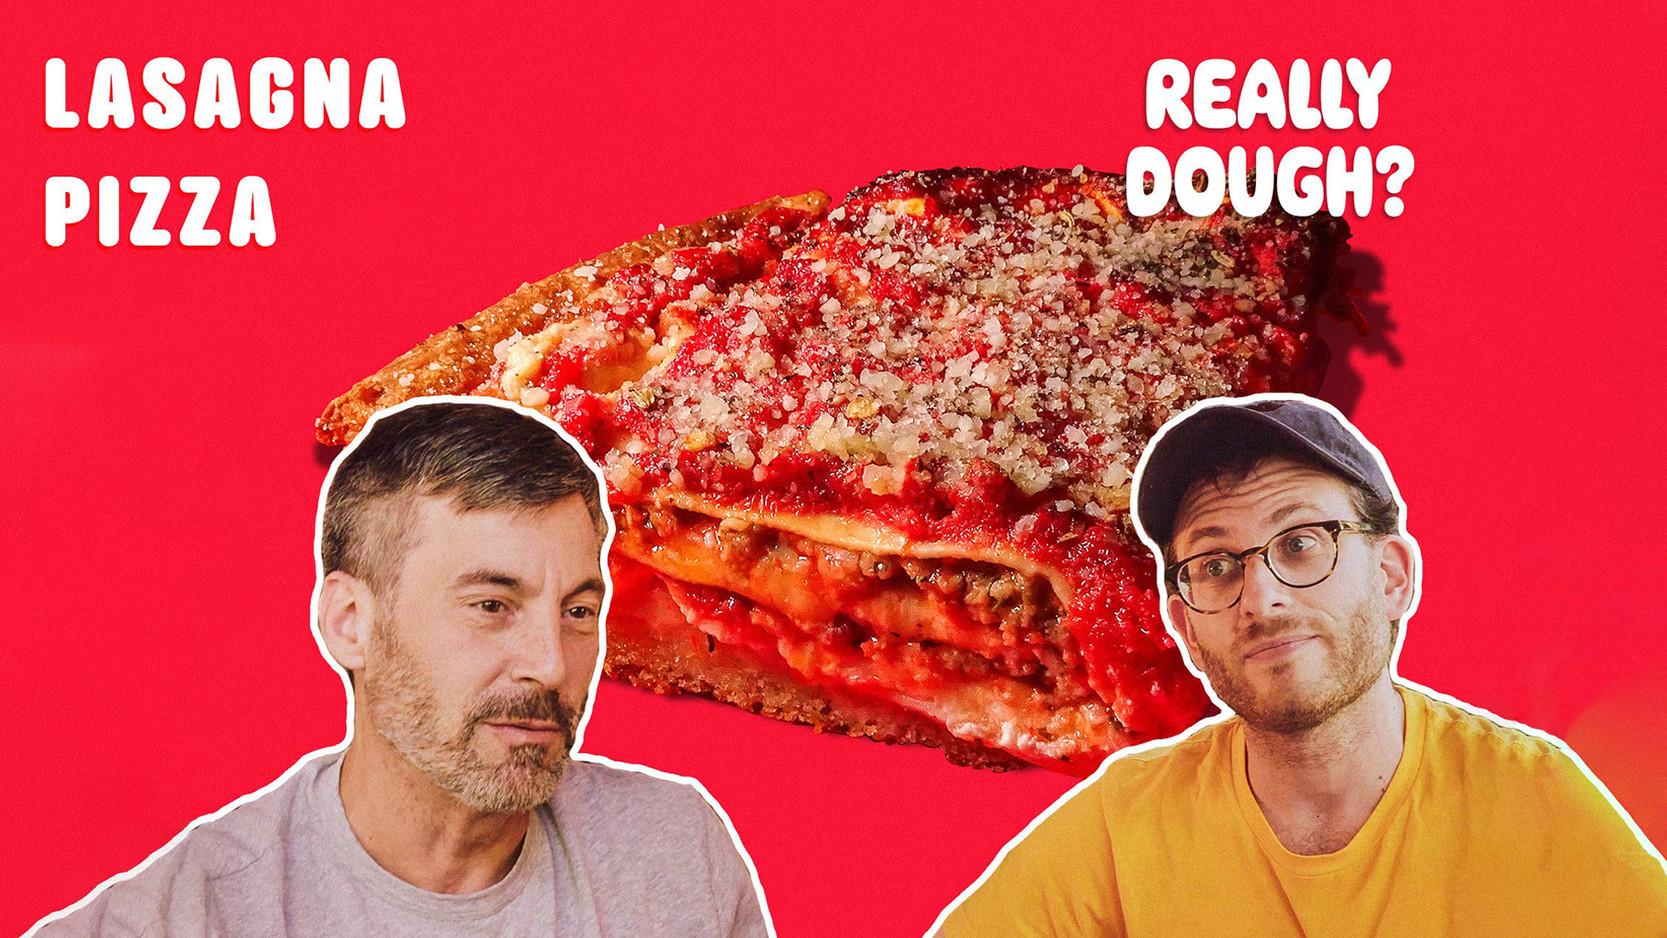 Really Dough - Lasagna Pie: Pizza or Lasagna?